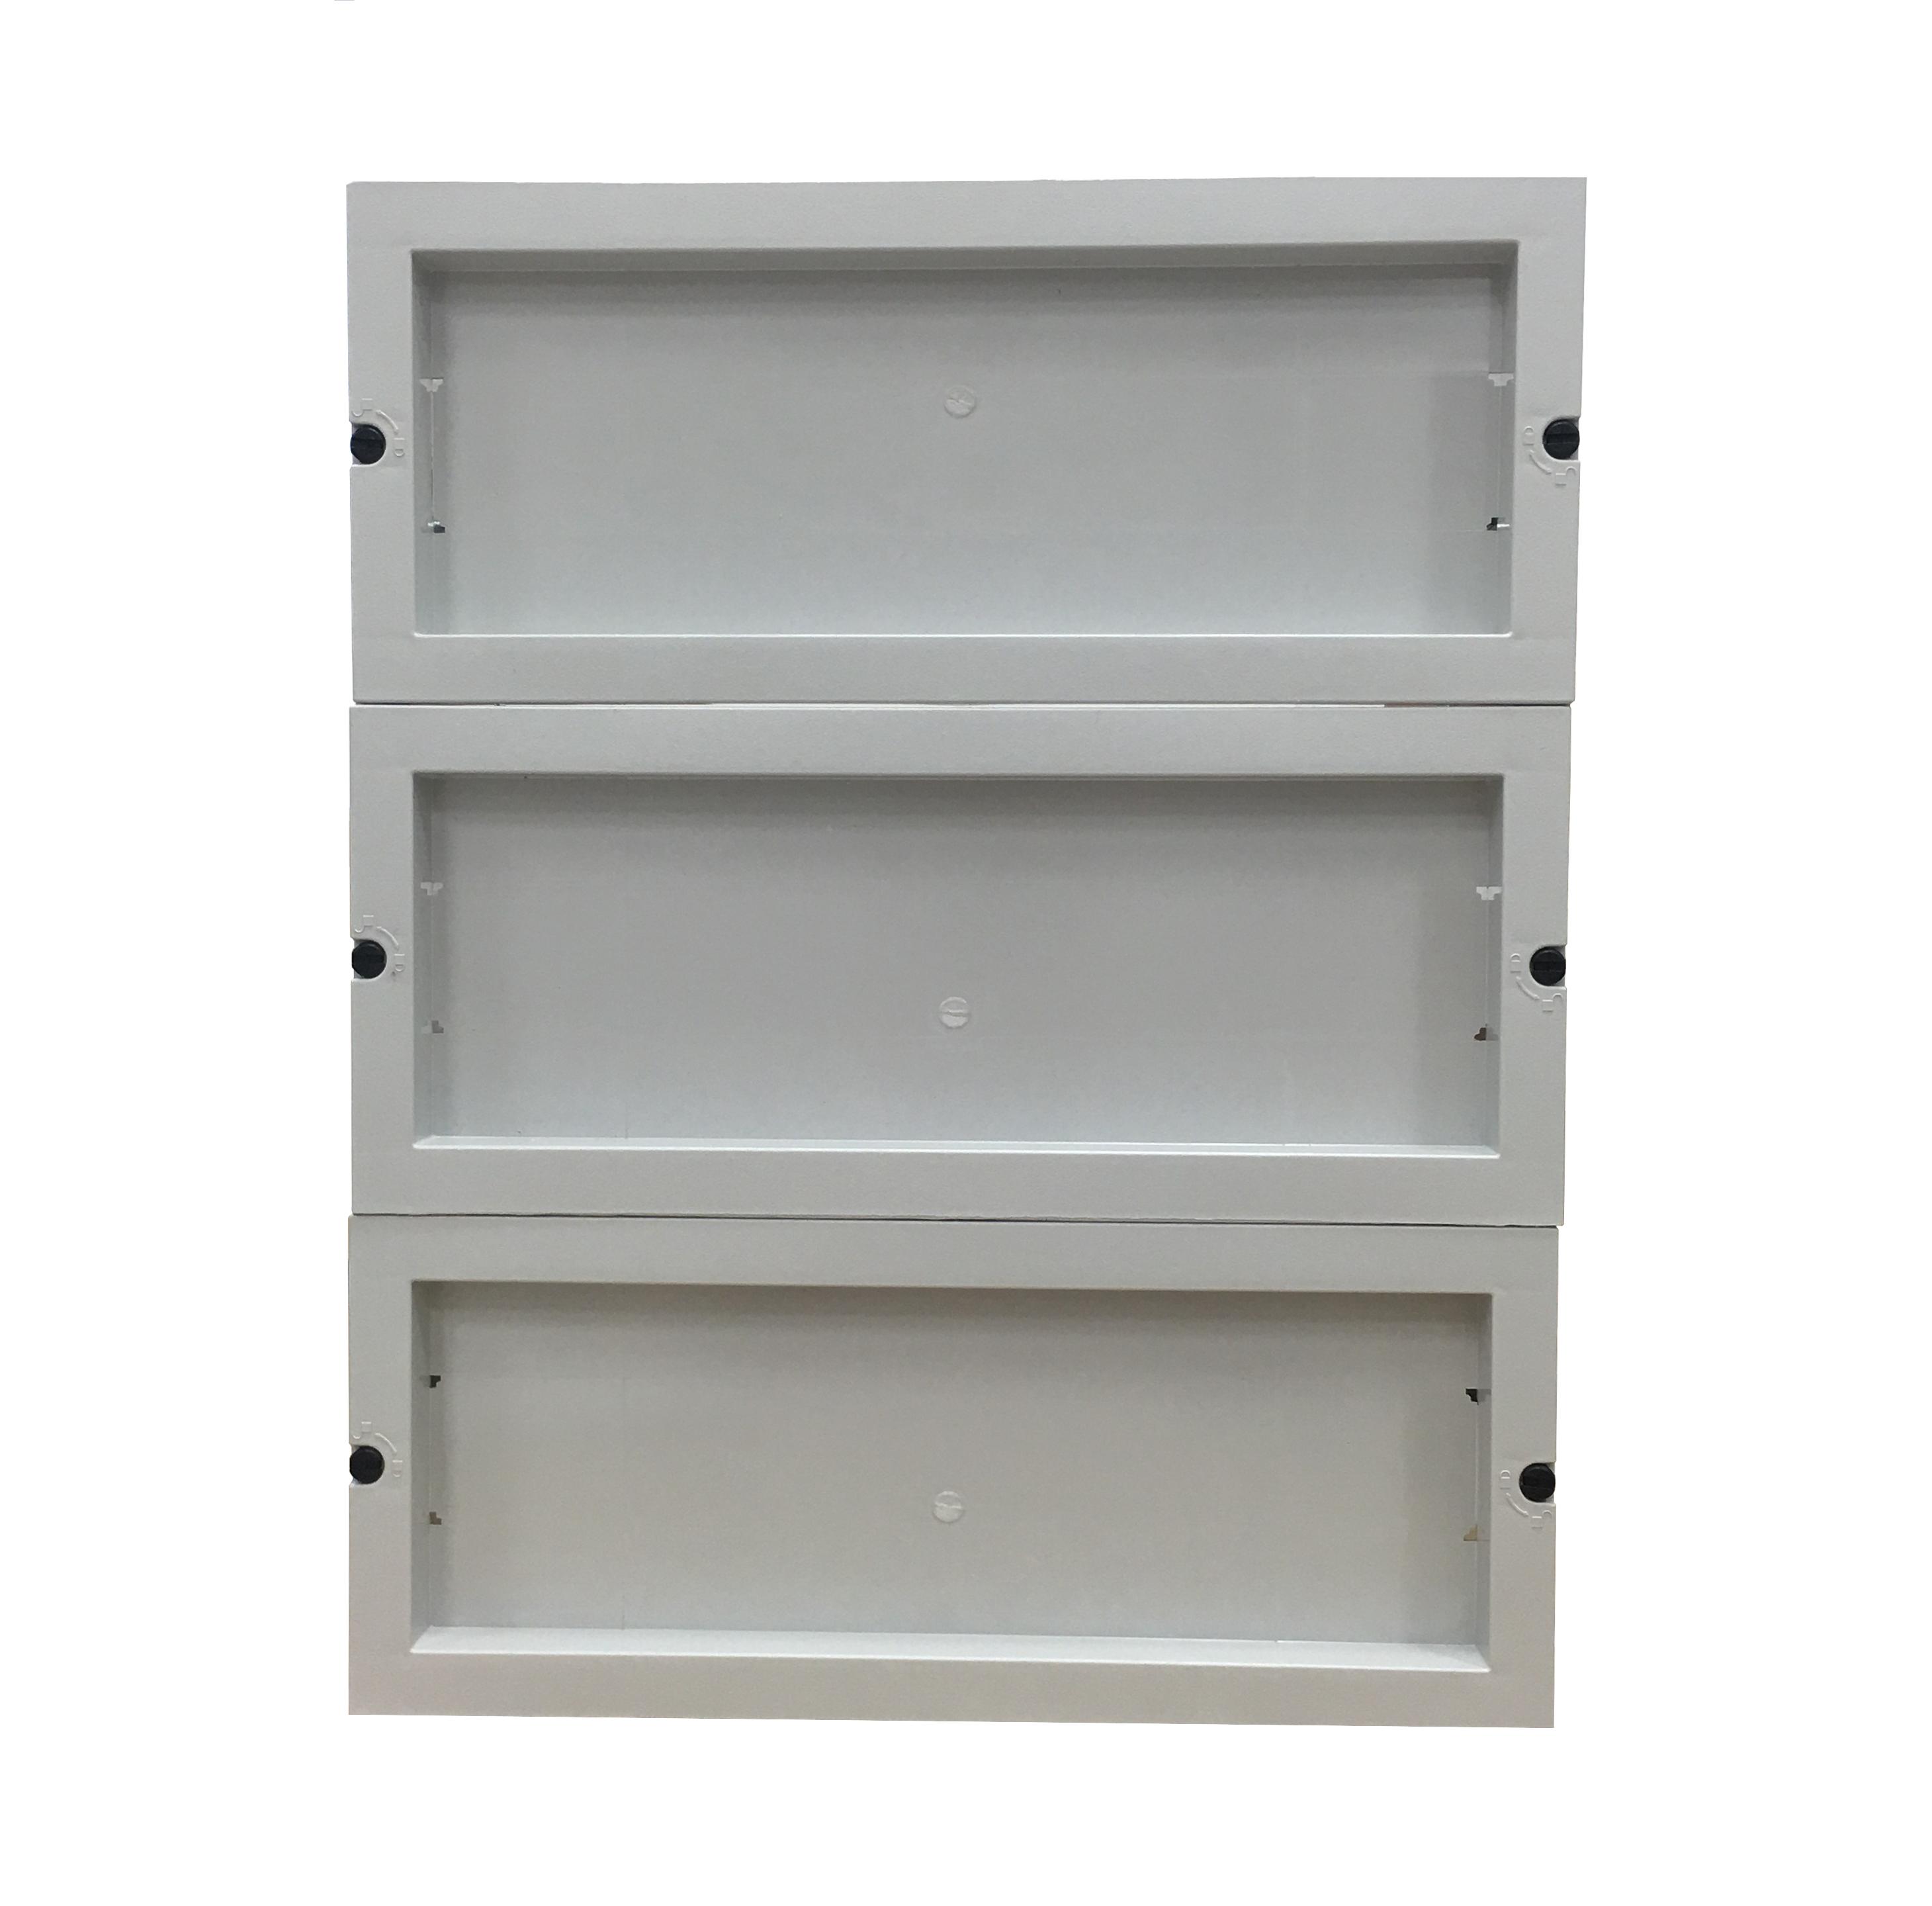 1 Stk Installationseinsatz für 600x500 3x23TE IMCH0065--